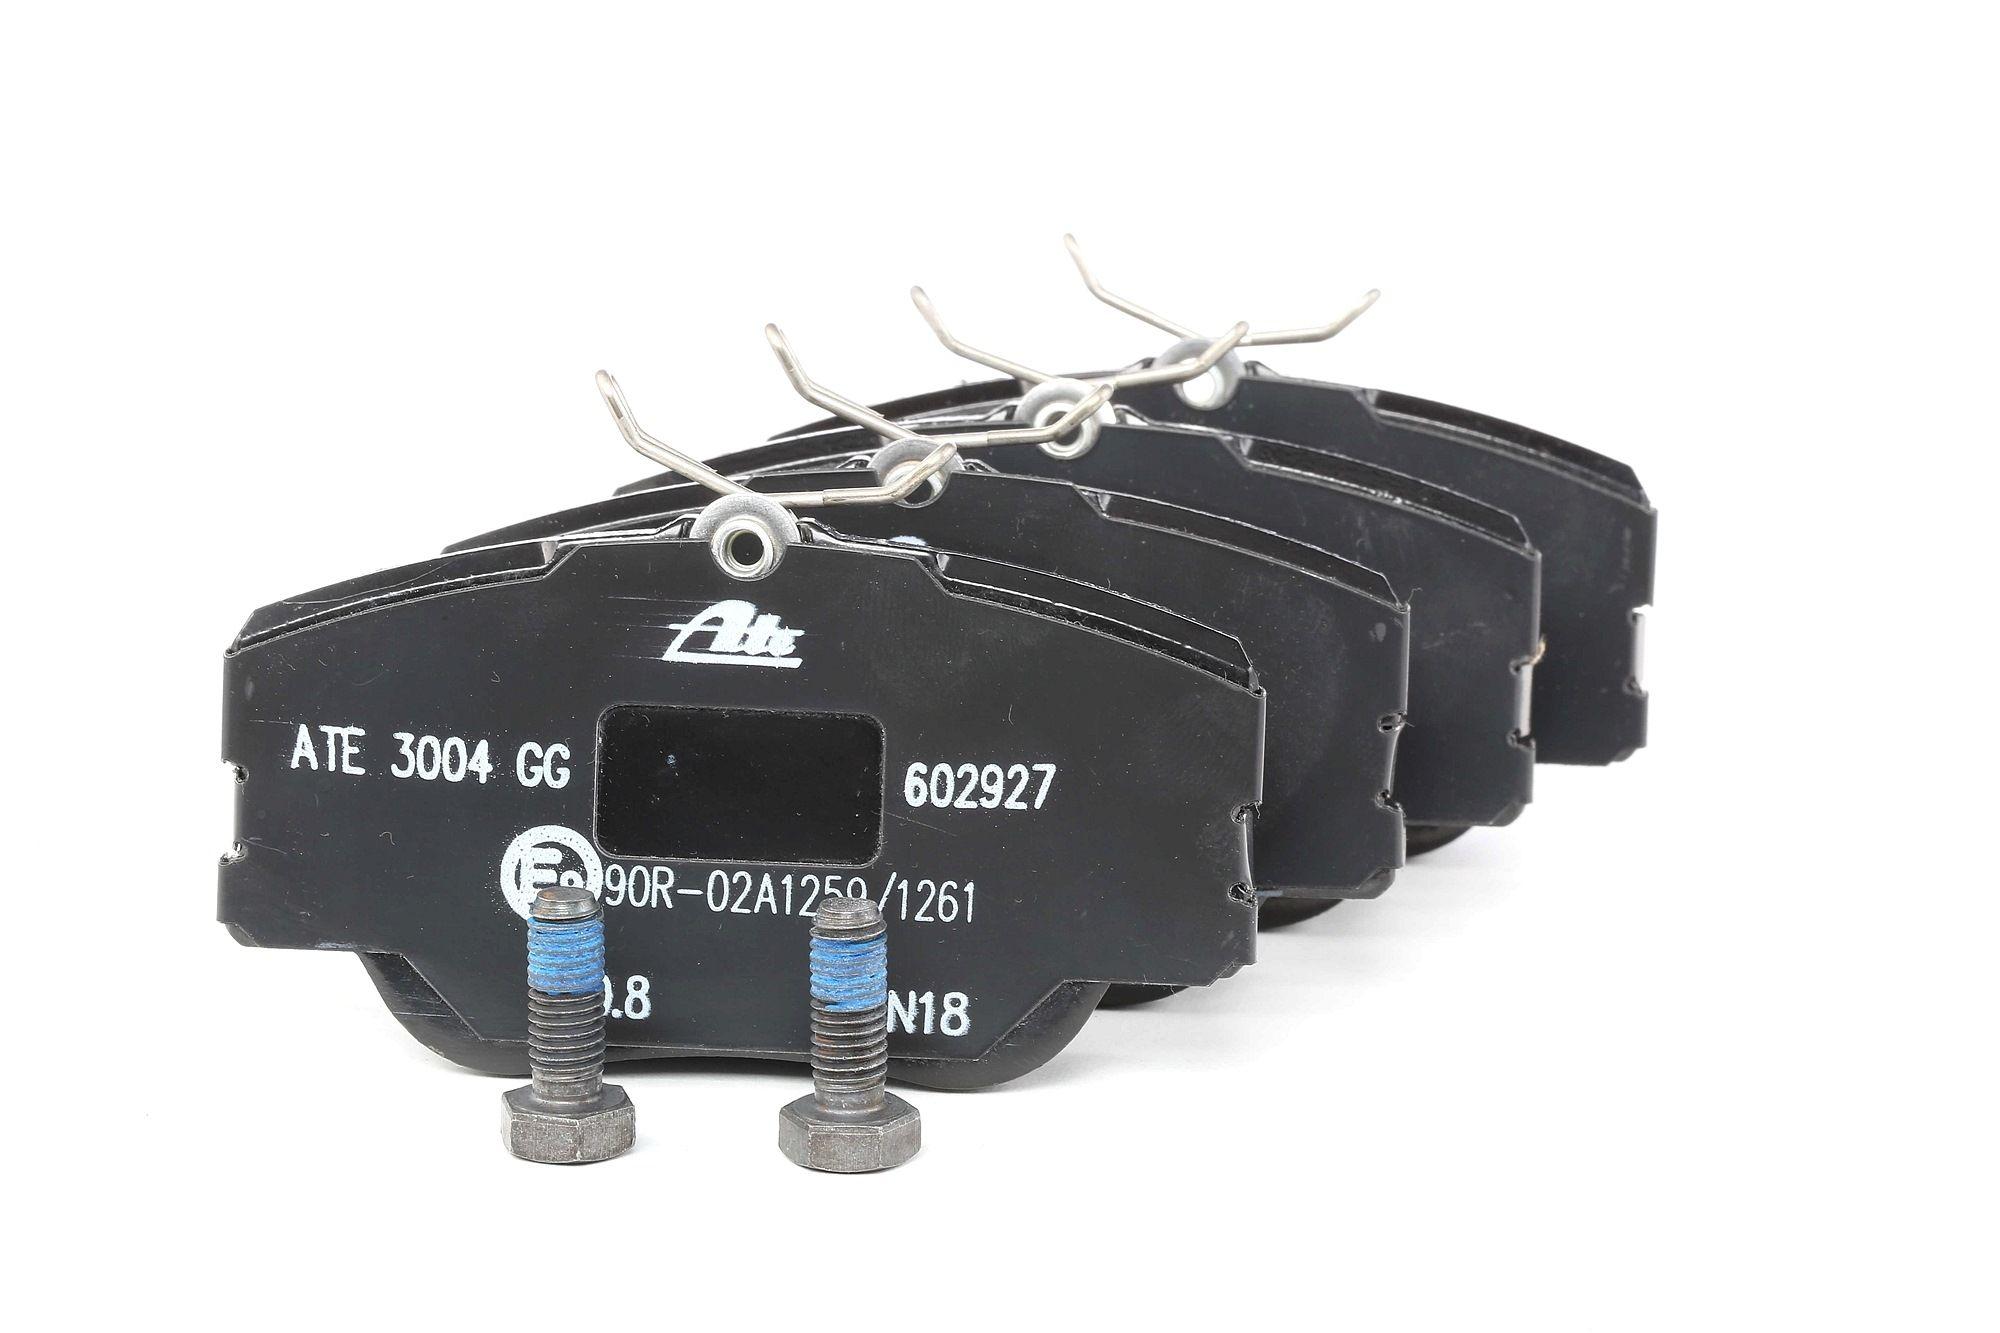 MERCEDES-BENZ Baureihe 124 1991 Scheibenbremsbeläge - Original ATE 13.0460-2927.2 Höhe: 59,6mm, Breite: 110,0mm, Dicke/Stärke: 19,3mm